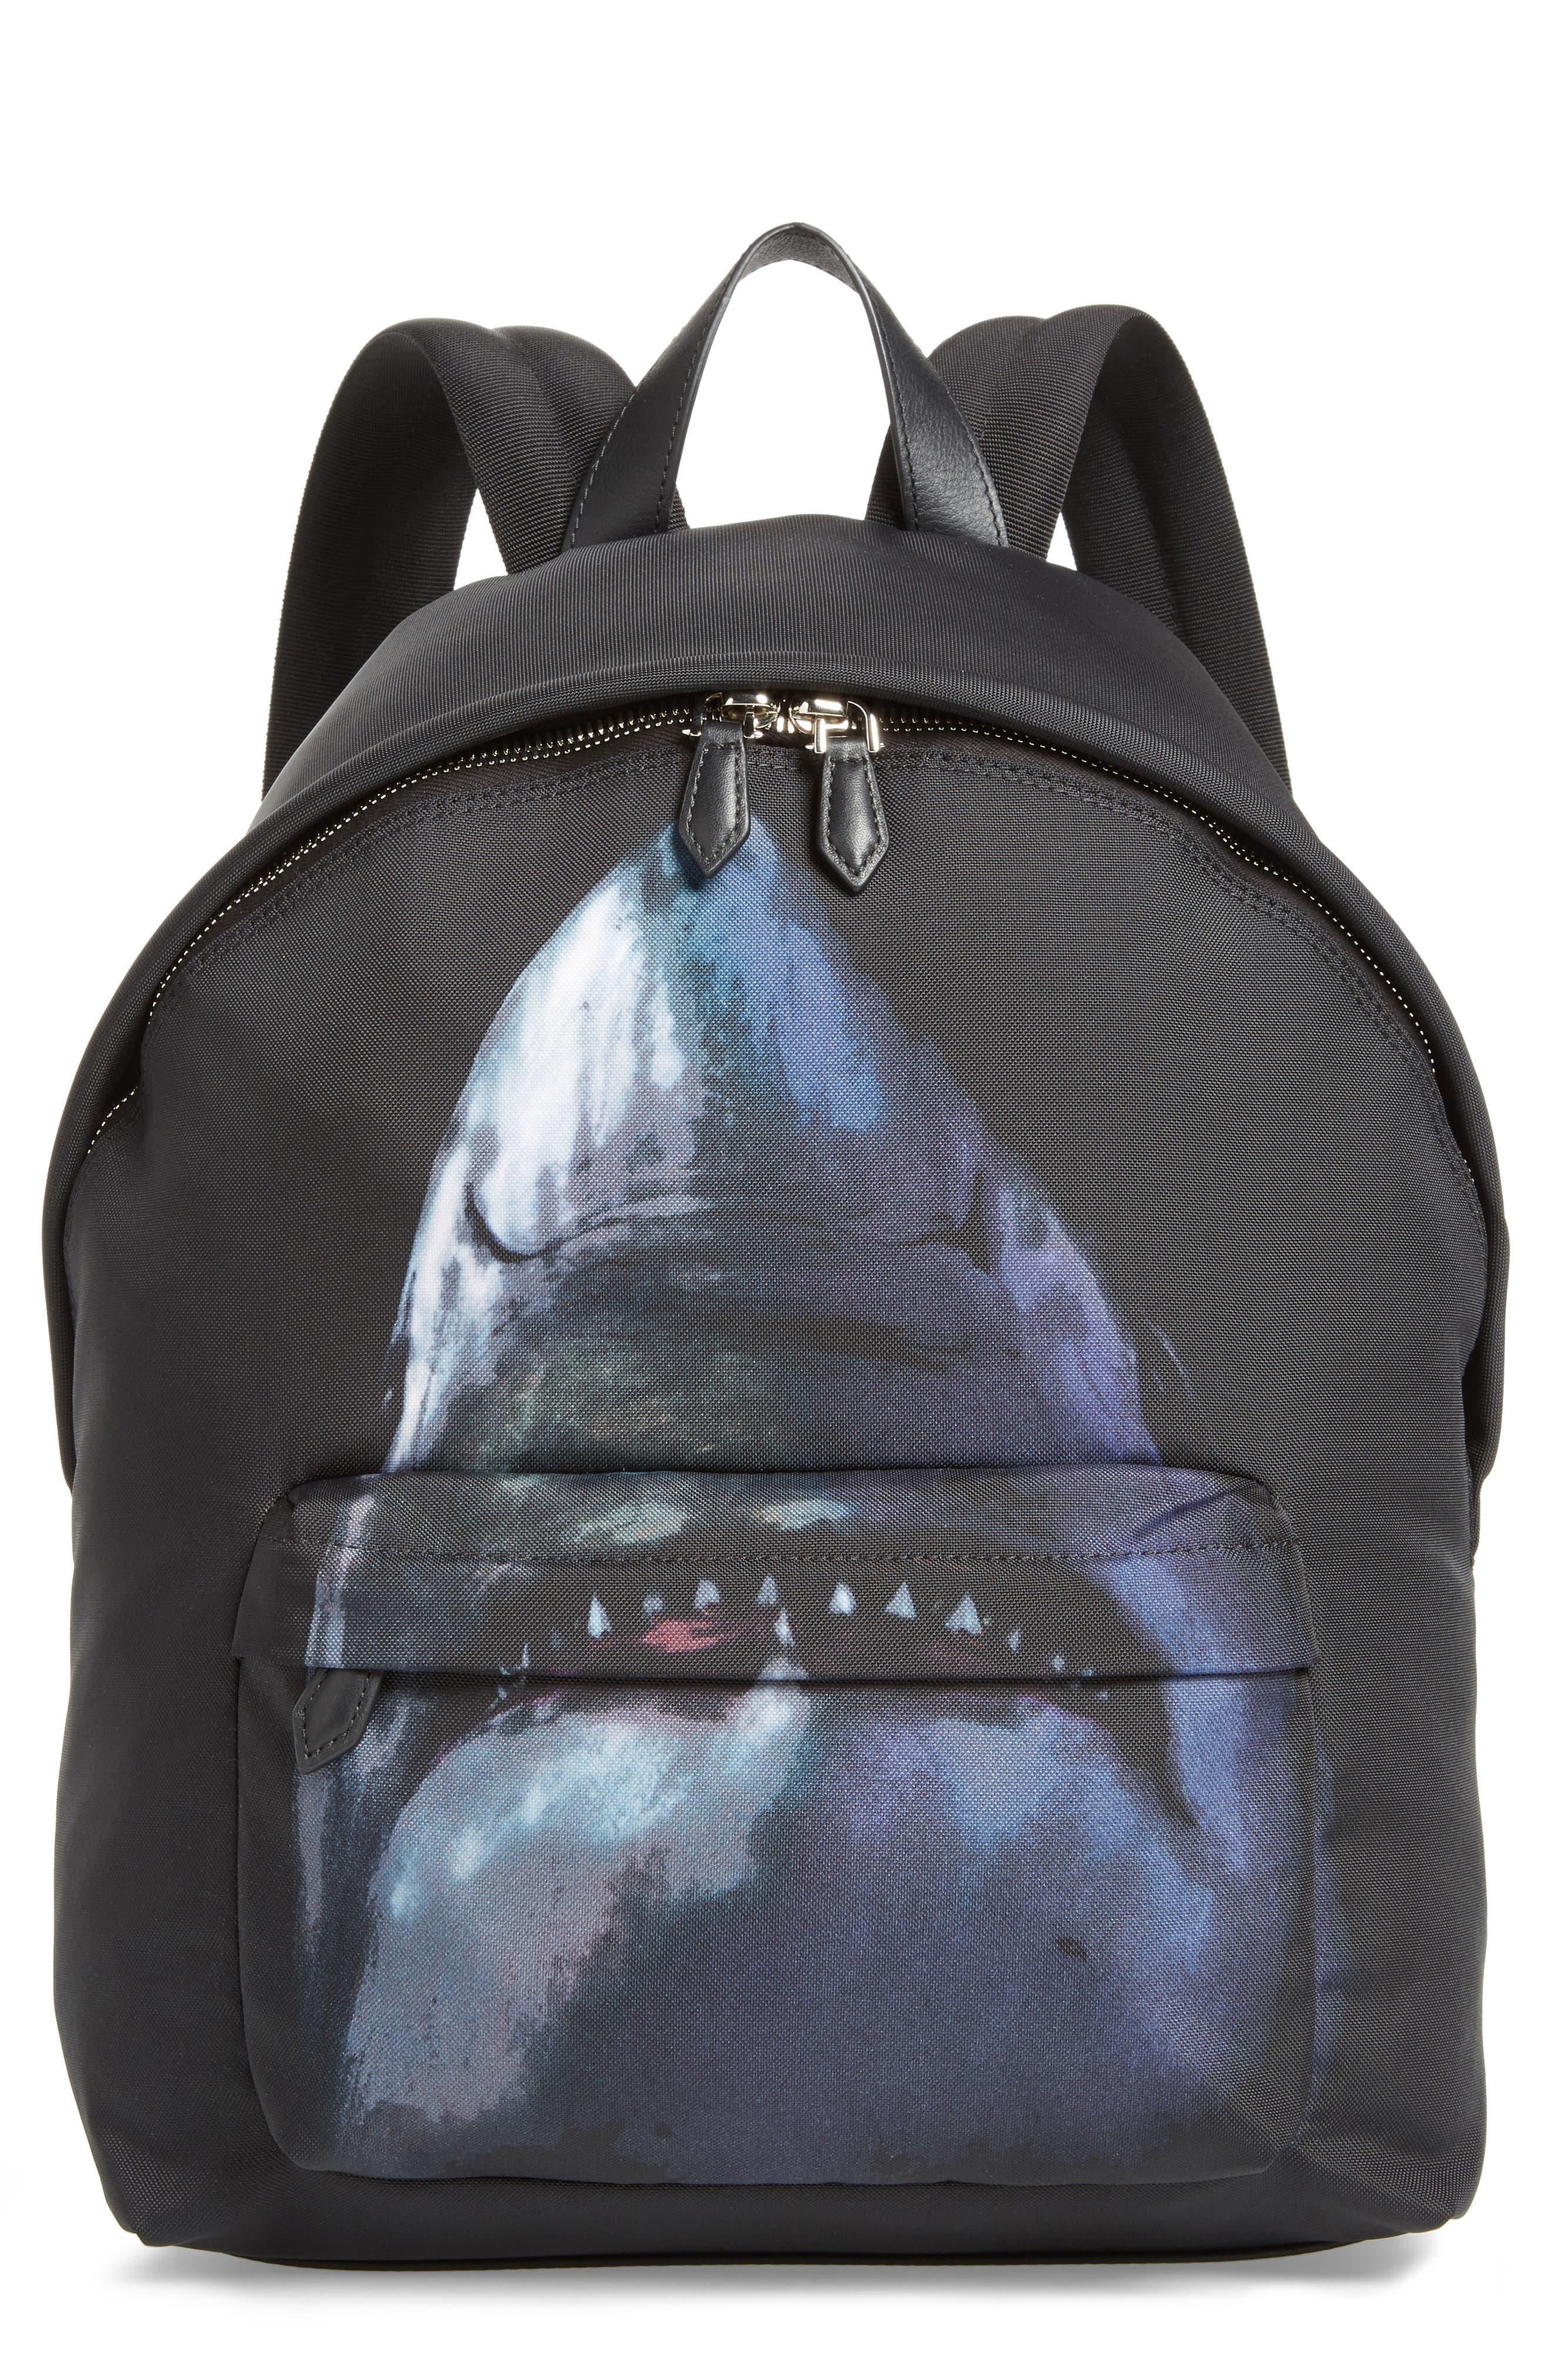 Shark Print Backpack,                             Main thumbnail 1, color,                             960